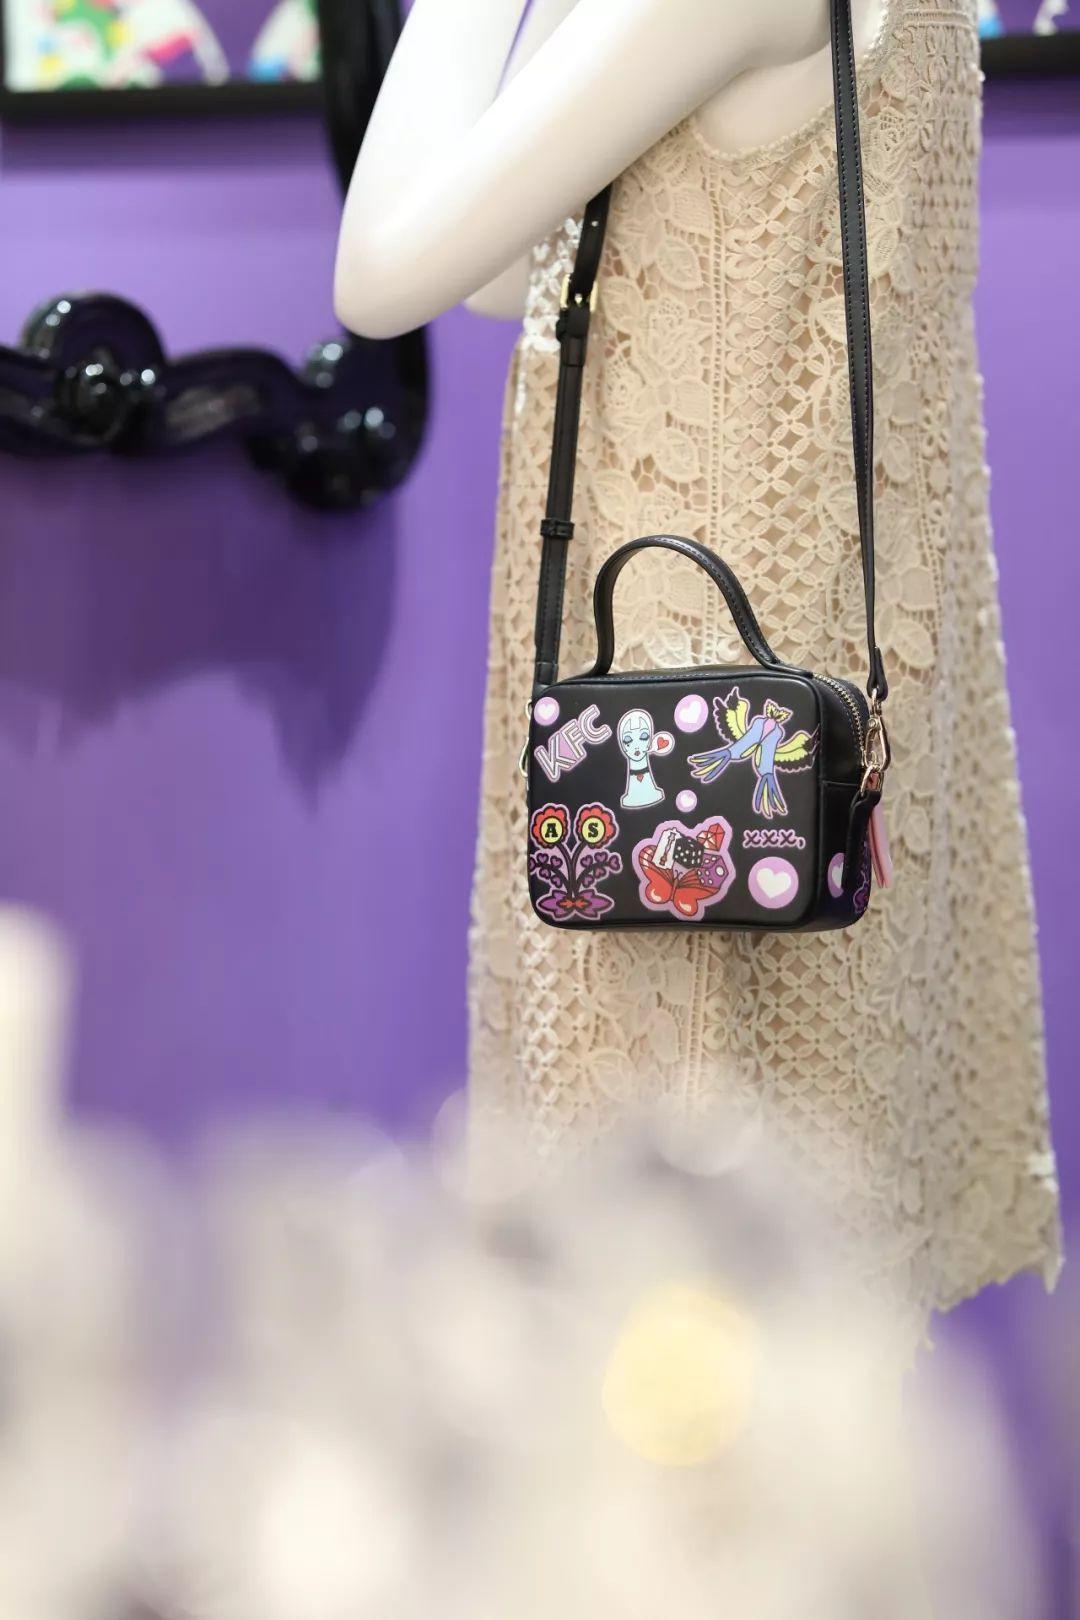 當「時尚」遇見「食尚」:肯德基攜安娜蘇打造品牌跨界經典案例